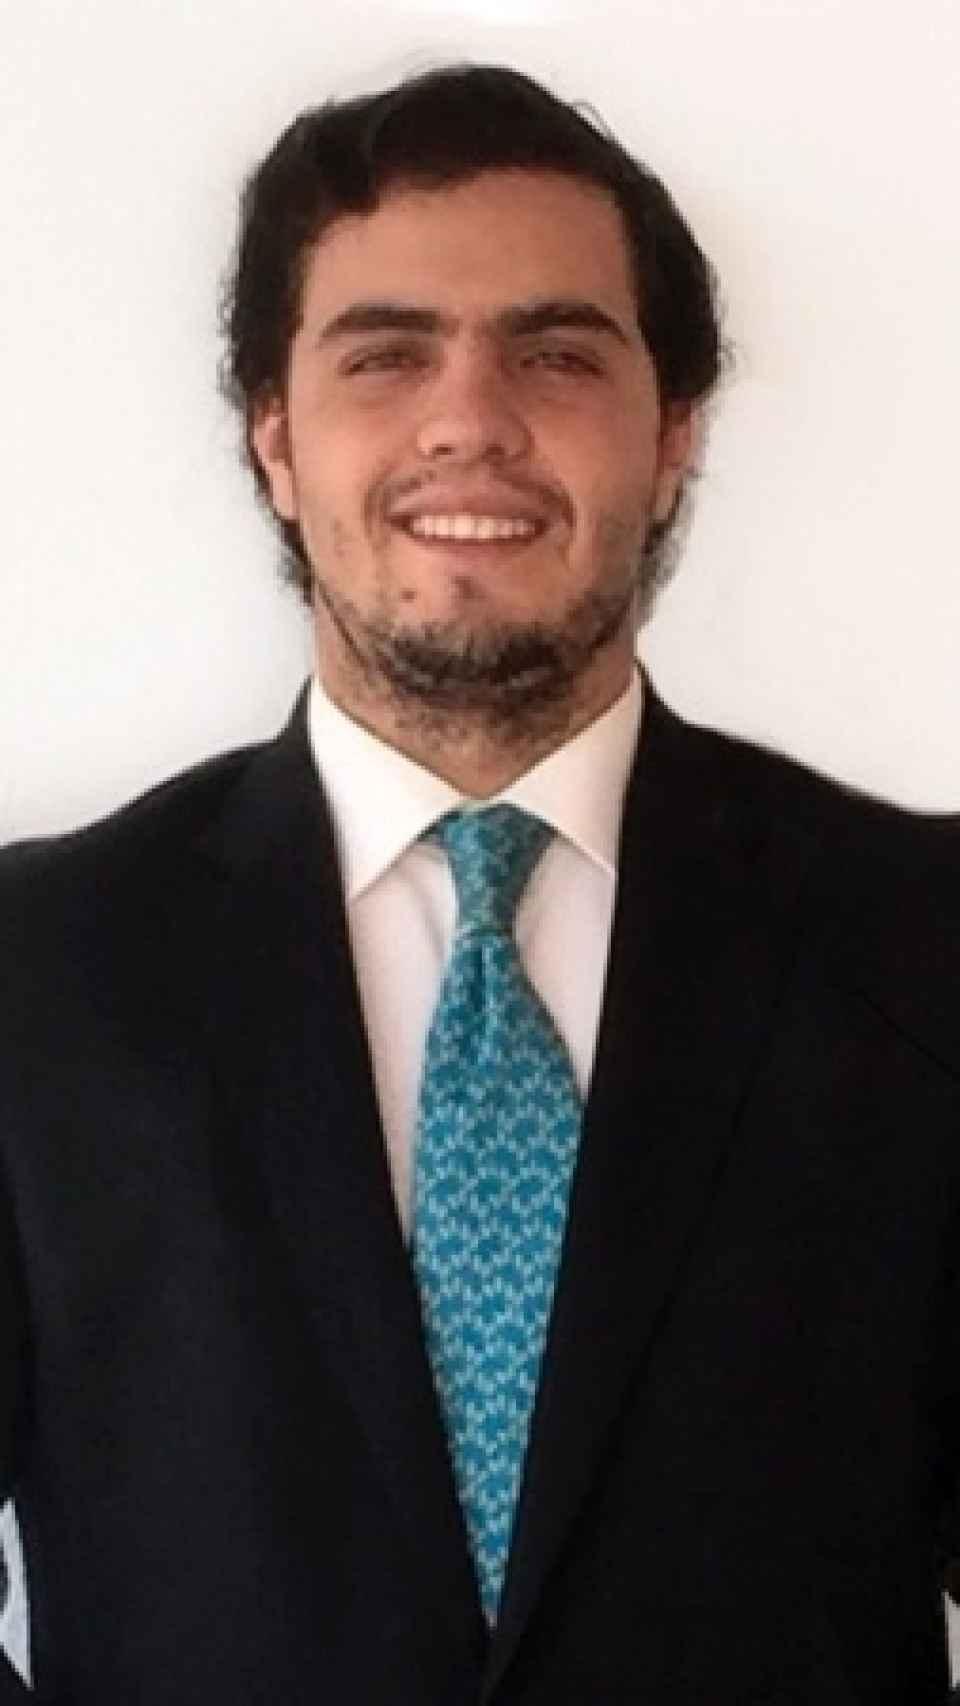 El joven jerezano Miguel Gómez Mendoza.